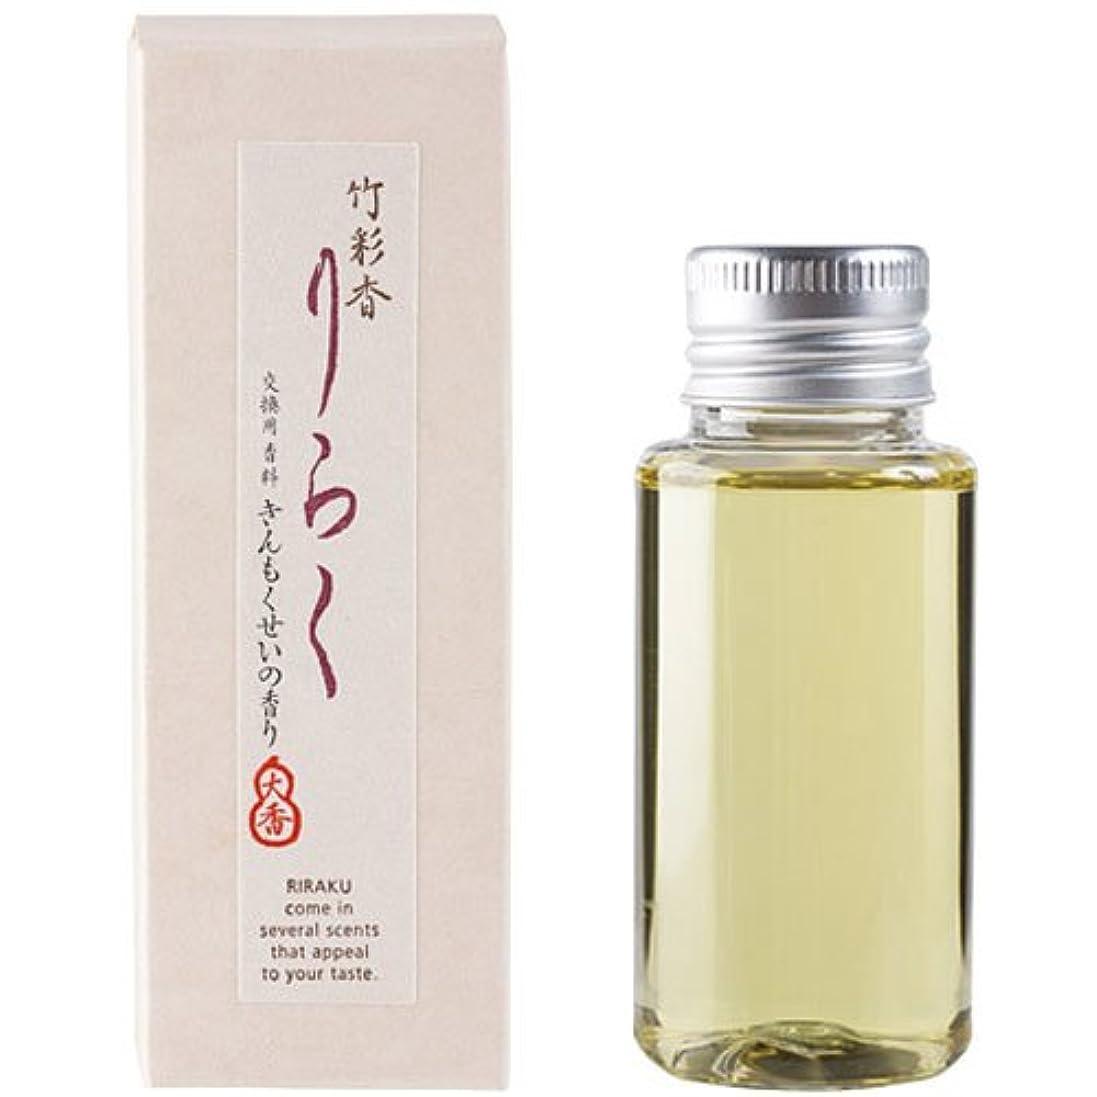 確認してください儀式レバー竹彩香りらく 交換用香料きんもくせい 50ml